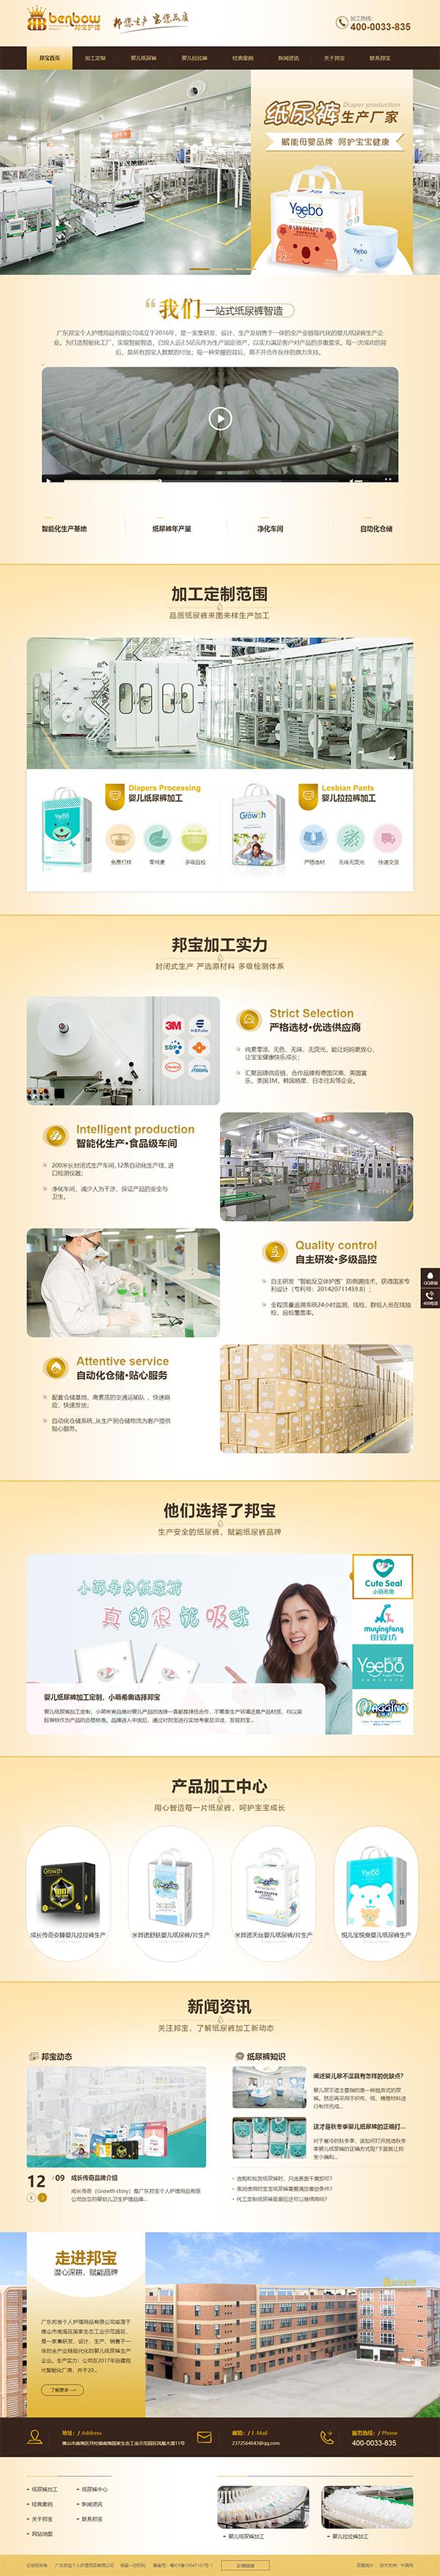 邦宝护理用品-龙8国际龙88型龙8国际官网首页首页